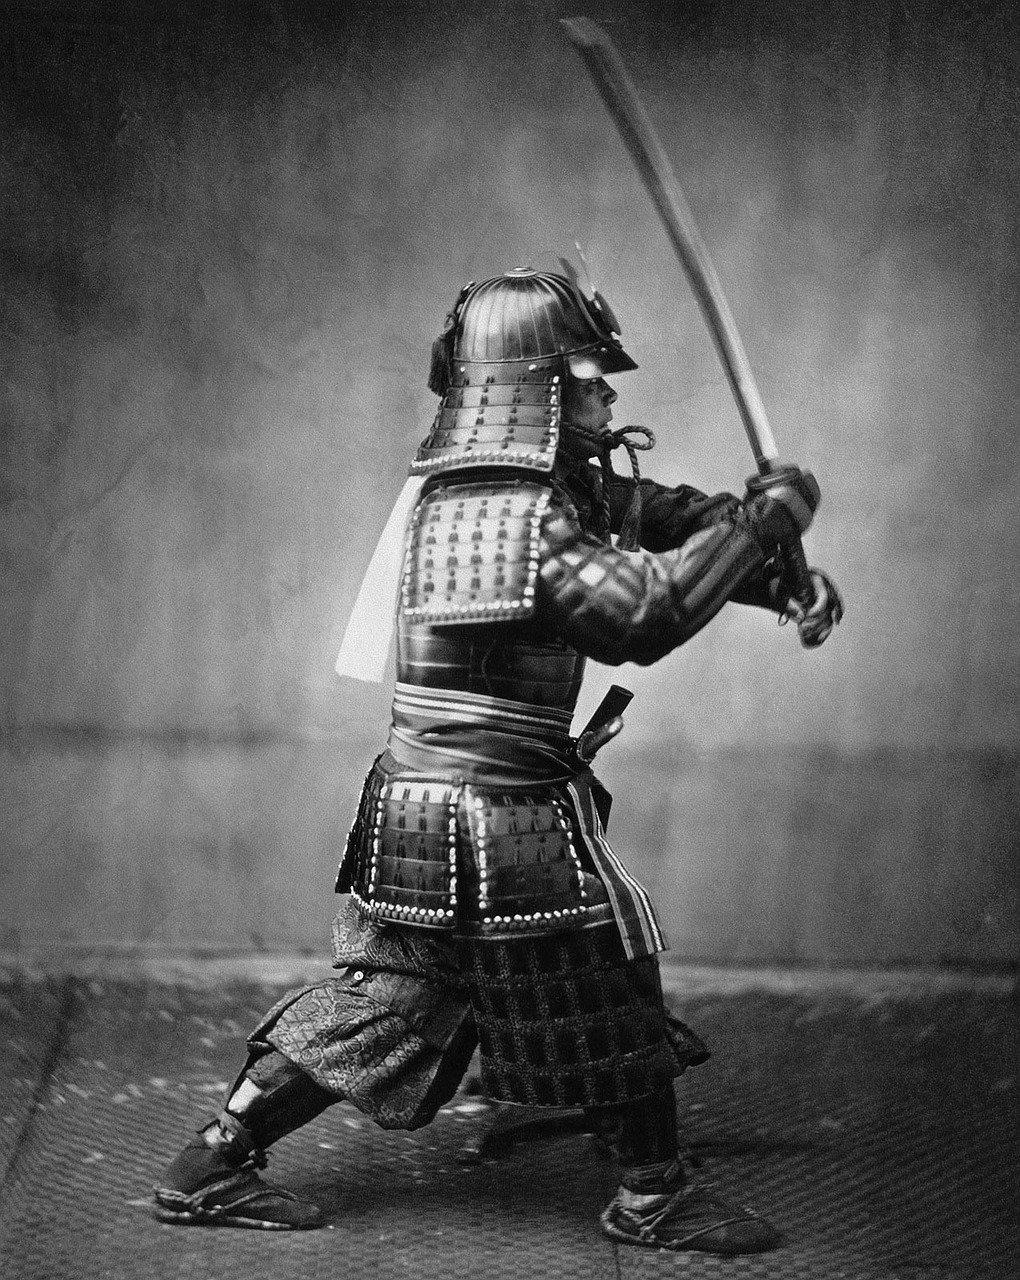 samurai-67662_1280.jpg